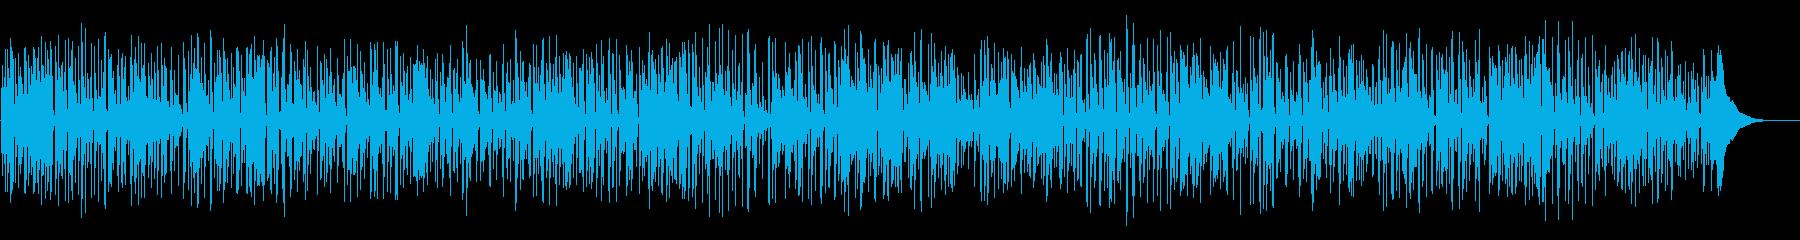 ほのぼのとした生演奏フォークギターデュオの再生済みの波形